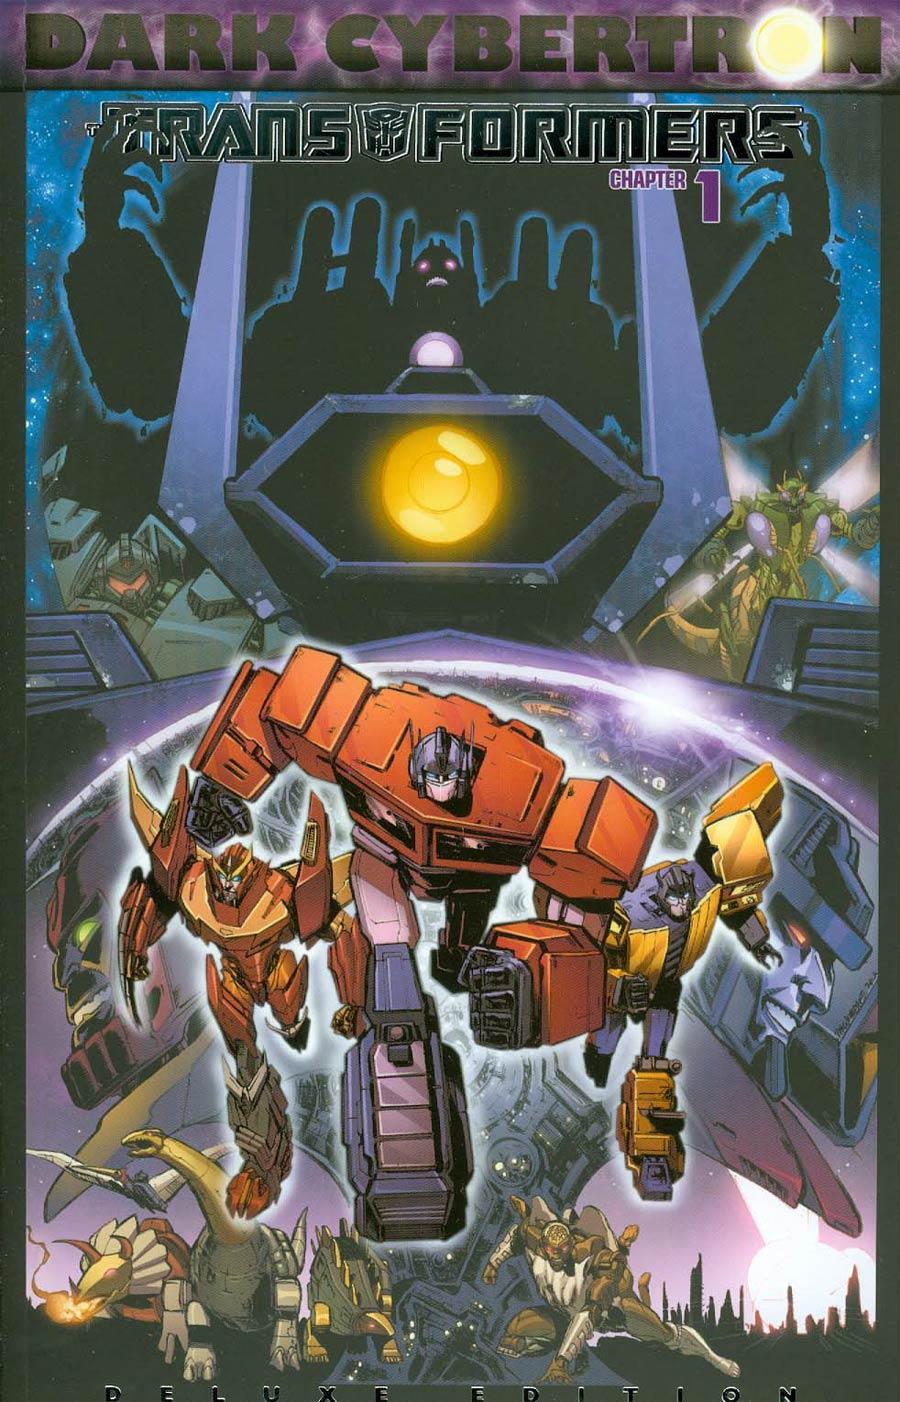 Transformers Dark Cybertron #1 Cover E Deluxe Edition (Dark Cybertron Part 1)